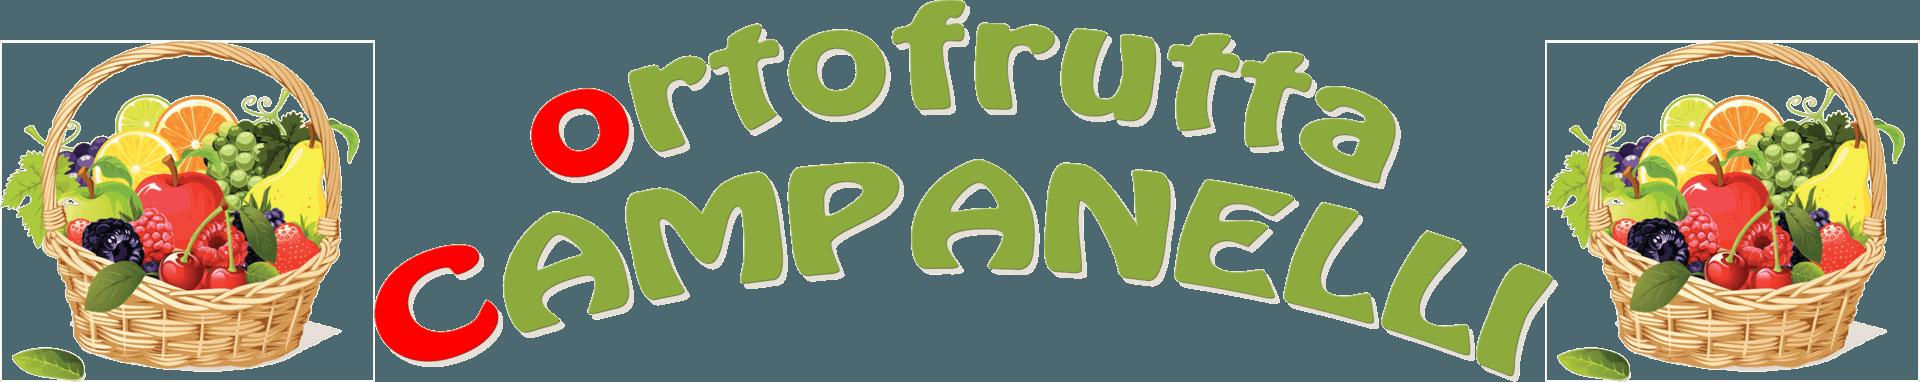 ORTOFRUTTA CAMPANELLI-LOGO